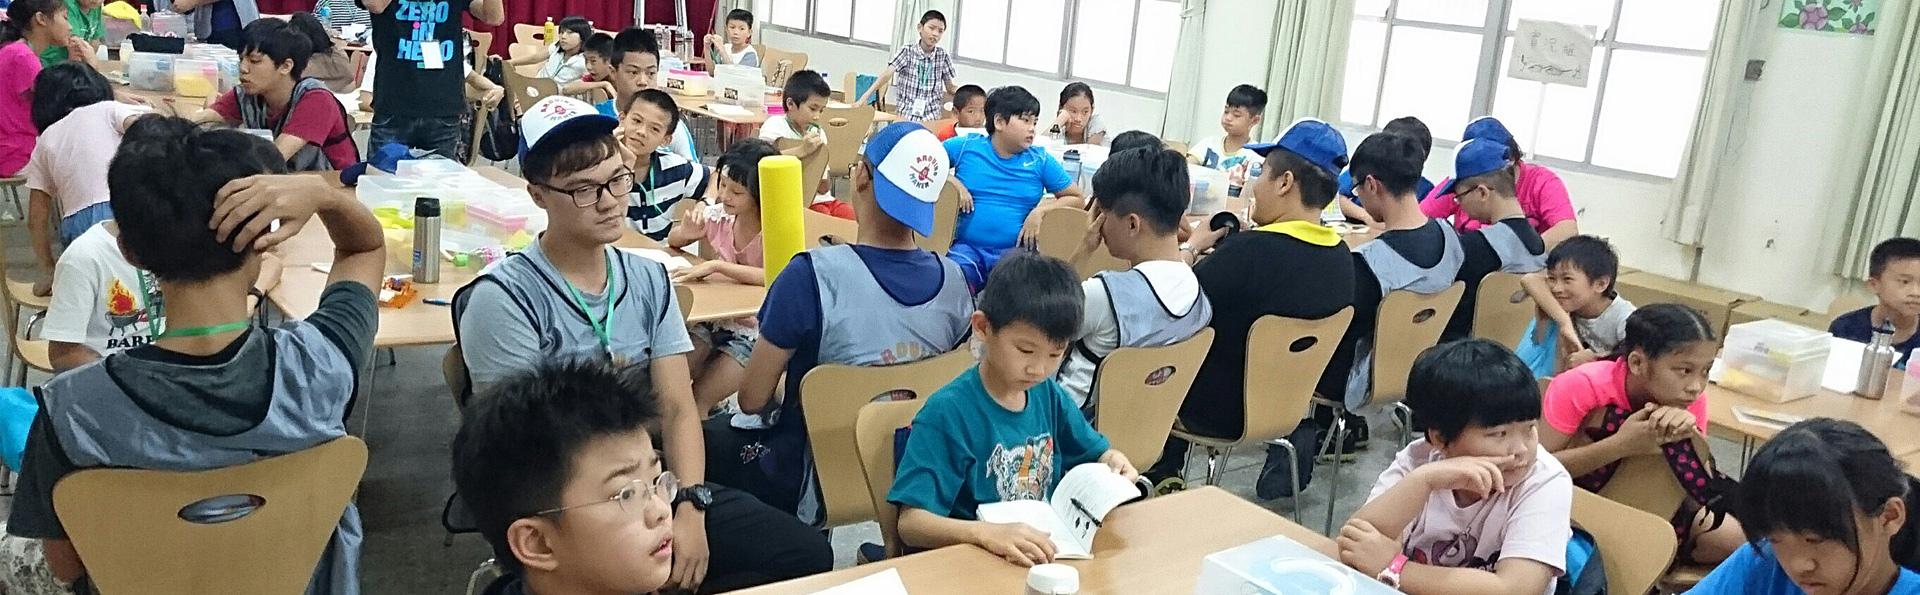 翻轉好聲音讓孩子在學習中覺得生動有趣